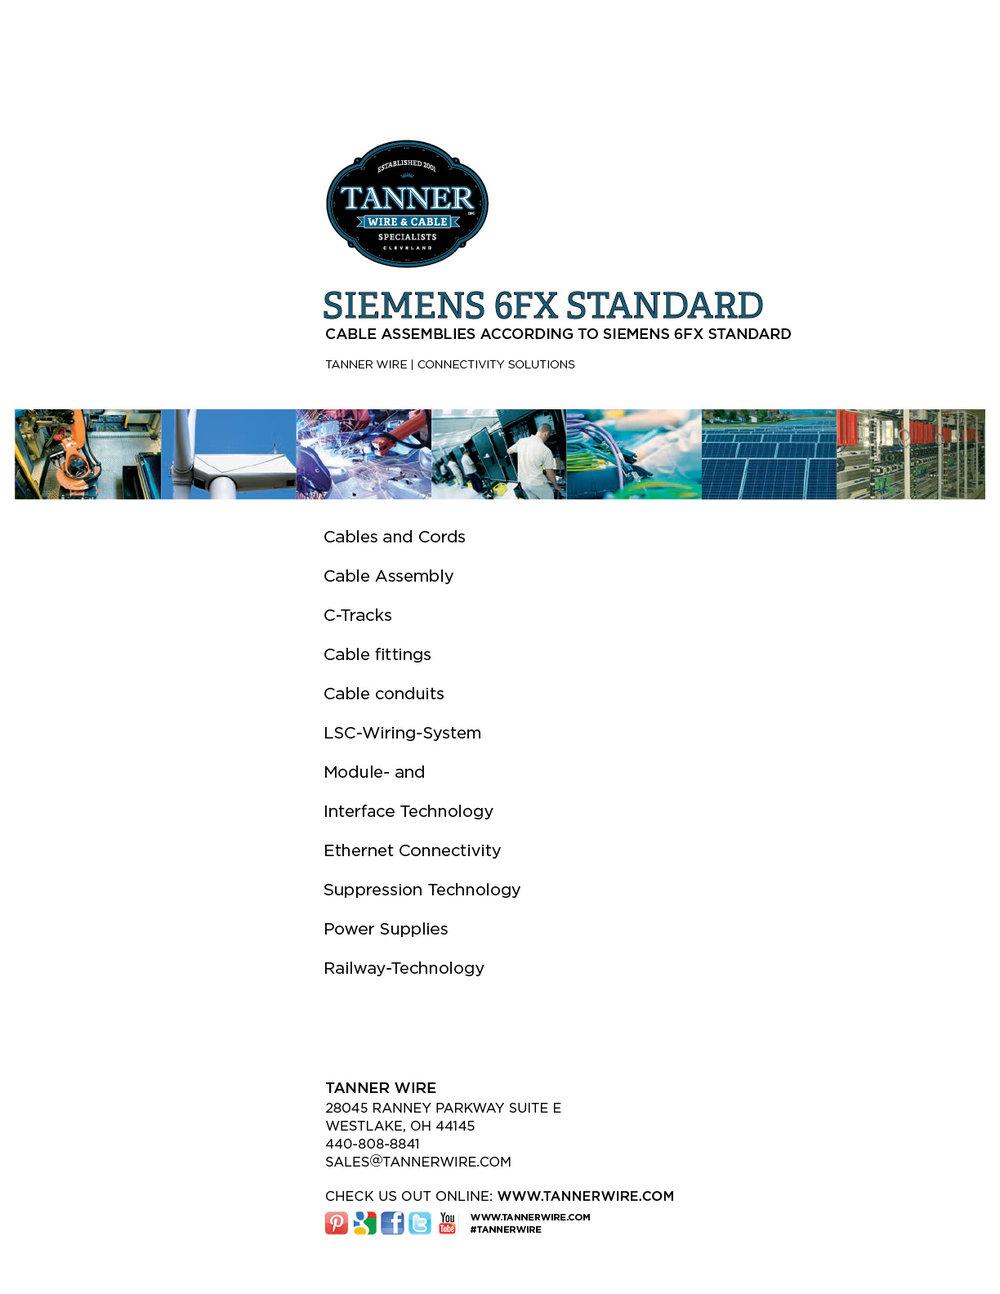 1707-C_Siemens11.jpg